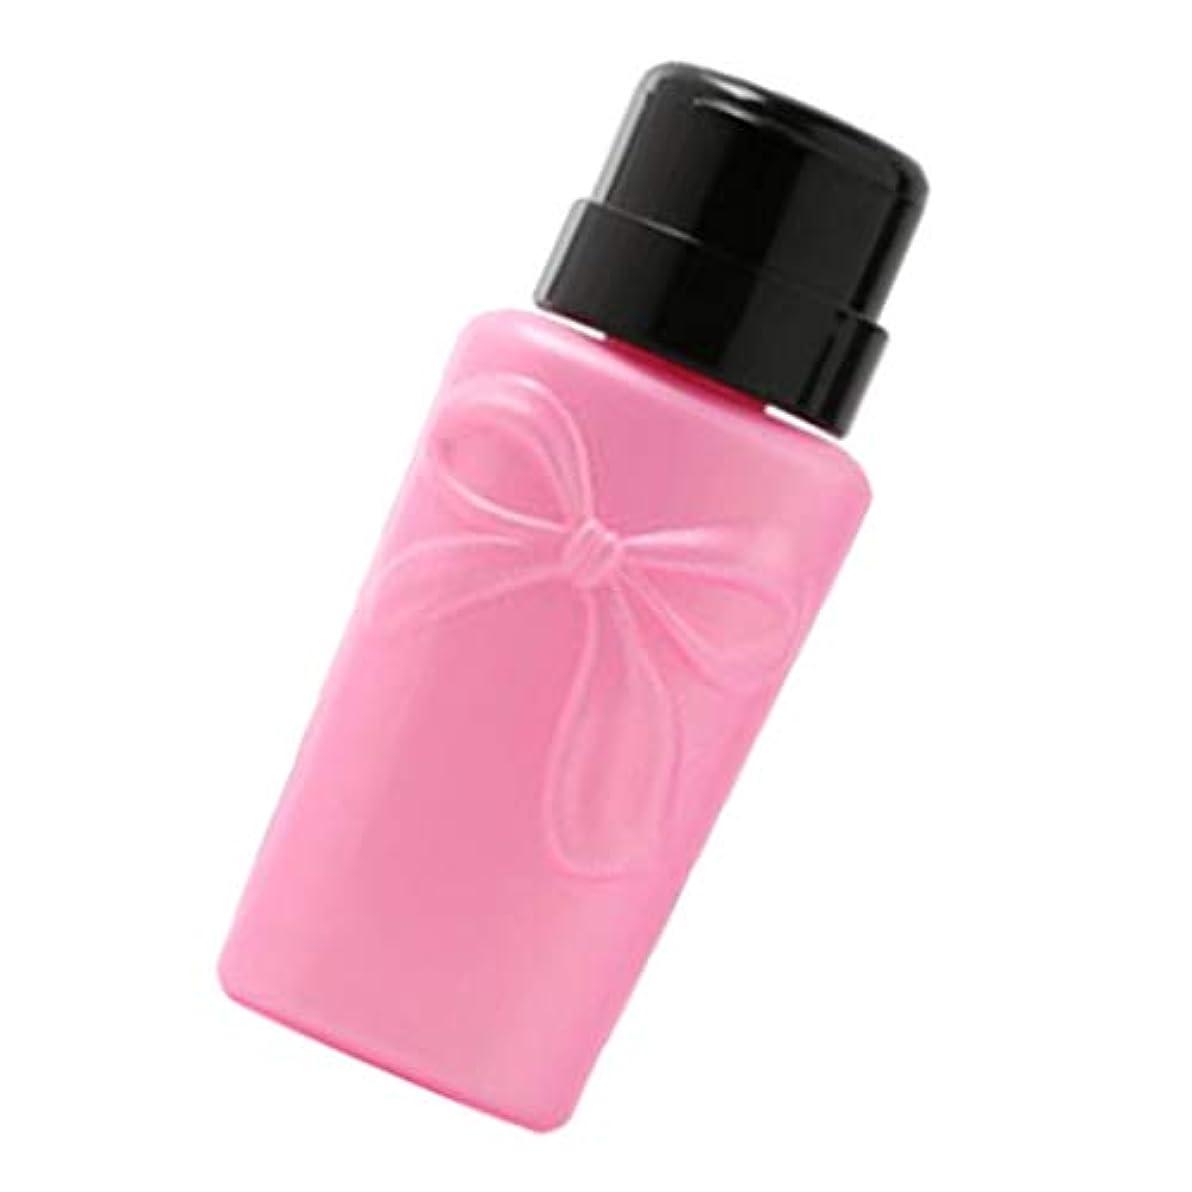 ルネッサンスプレーヤー伝染病CUTICATE ポンプボトル ディスペンサーボトル ネイルポリッシュリムーバーボトル 空のプレスボトル 2色 - ピンク